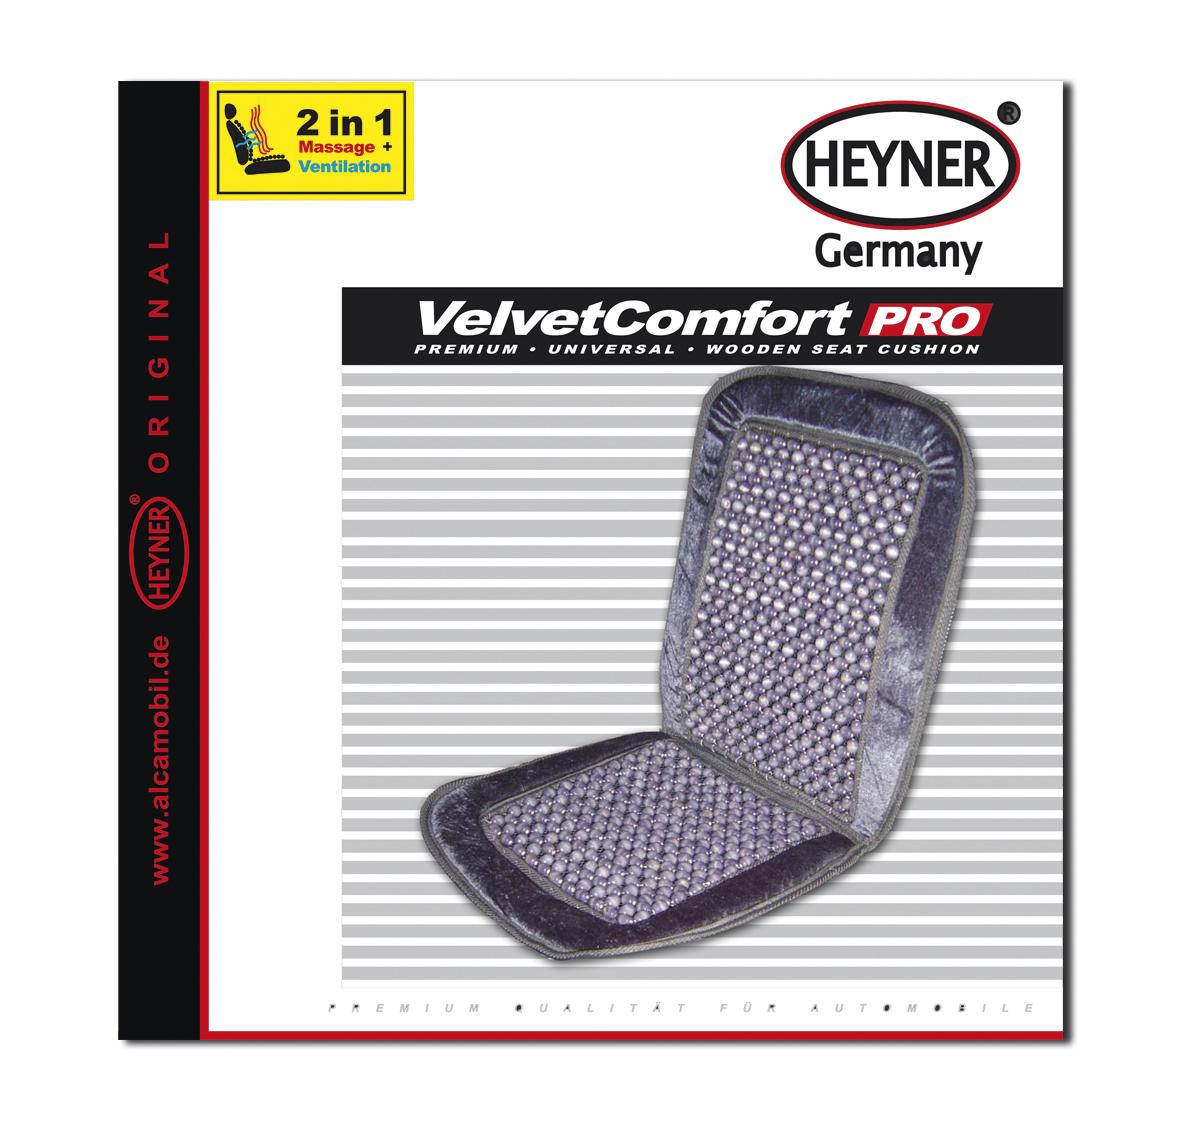 Накидка-массажер на сиденье Heyner, деревянные шарики, цвет: серый80625Накидка Heyner обеспечивает массаж и охлаждение для водителя и пассажиров посредством деревянных шариков. Быстро и просто устанавливается на сиденье. Накидка выполнена из велюра.